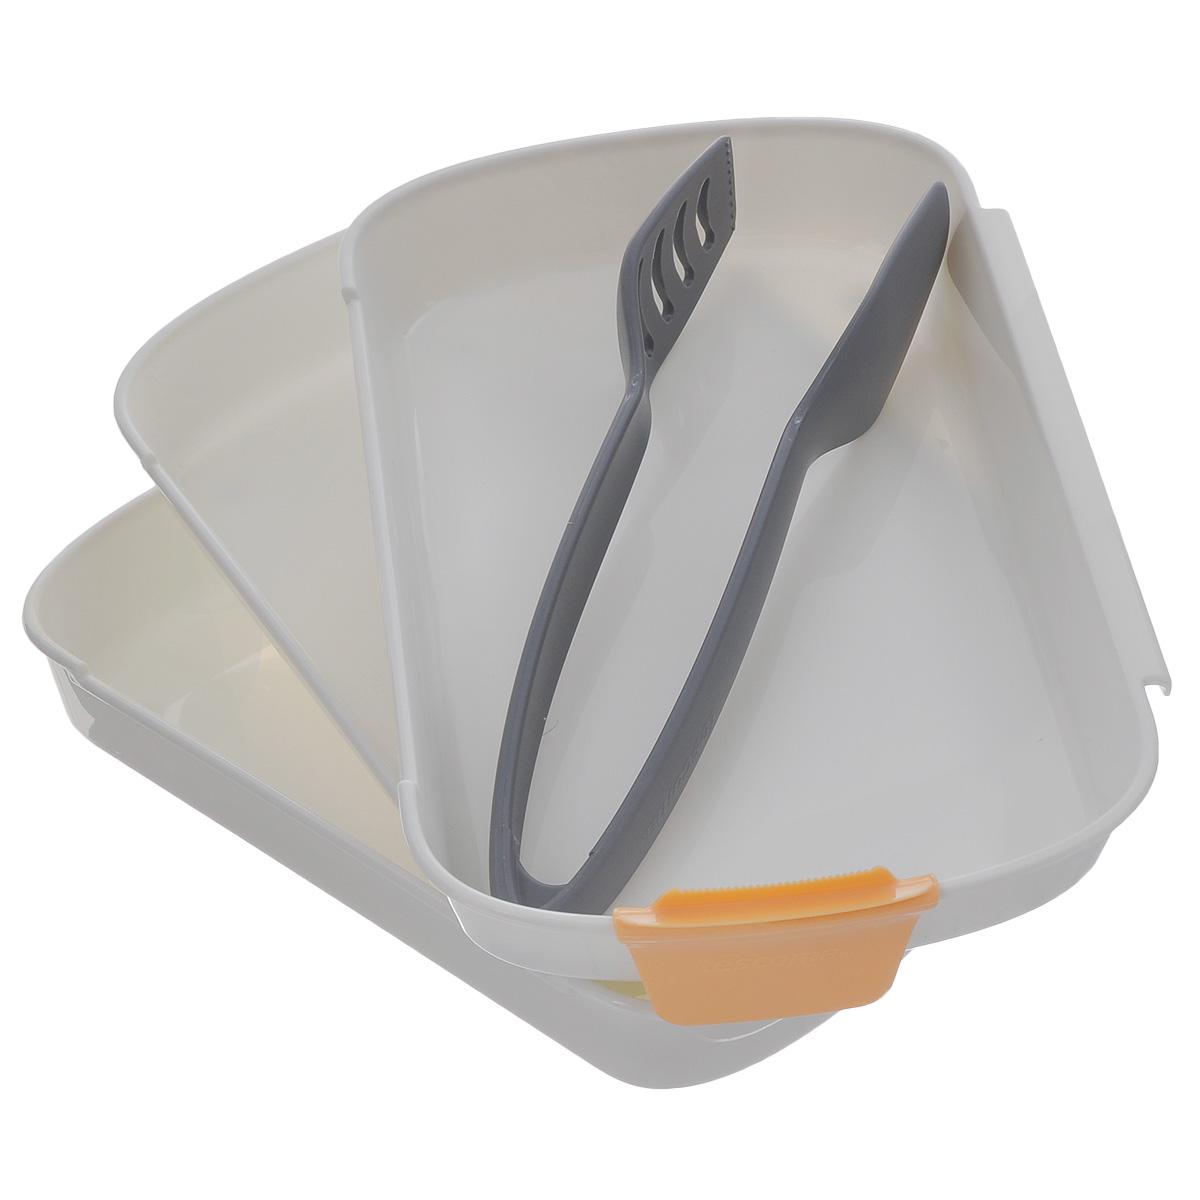 Набор для тройного кляра Tescoma Presto54 009312Набор Tescoma Presto предназначен для панирования мяса, рыбы, сыра, грибов и овощей в сухарях или тесте.Три блюда с противоскользящей поверхностью, которые соединены вместе, отлично подходят для погружения продуктов в муку, а затем покрытия их взбитым яйцом и панировочными сухарями.Щипцы из термостойкого нейлона.Поставляется с лезвием для легкого разбивания яиц.Подходит для холодильника, морозильной камеры, микроволновой печи и посудомоечной машины.В комплекте рецепты. Размер блюд: 25,5 см х 17 см х 3,5 см.Длина щипцов: 23,5 см.